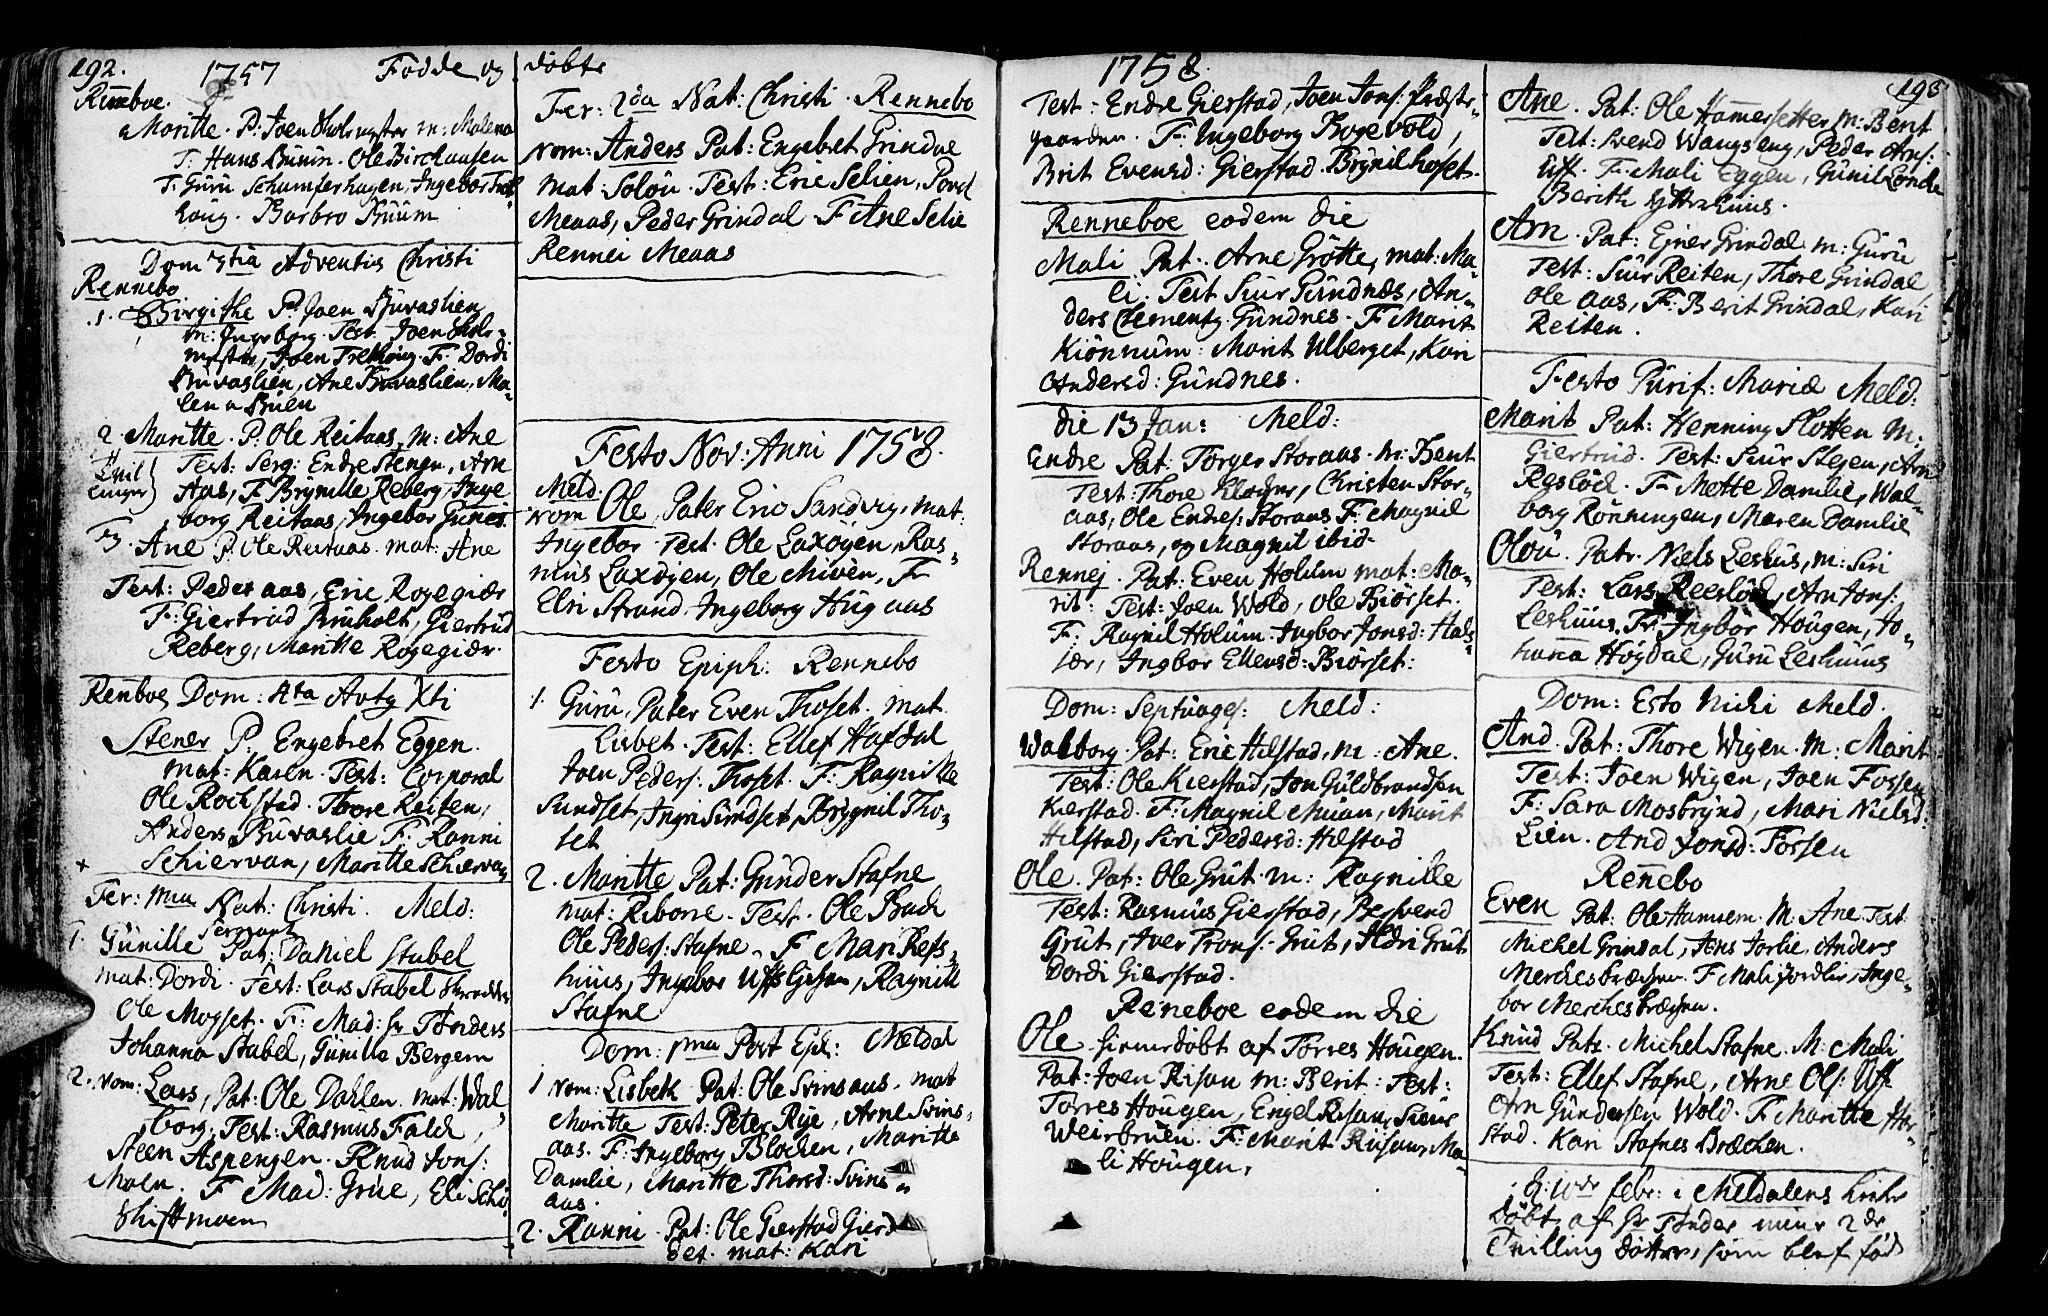 SAT, Ministerialprotokoller, klokkerbøker og fødselsregistre - Sør-Trøndelag, 672/L0851: Ministerialbok nr. 672A04, 1751-1775, s. 192-193